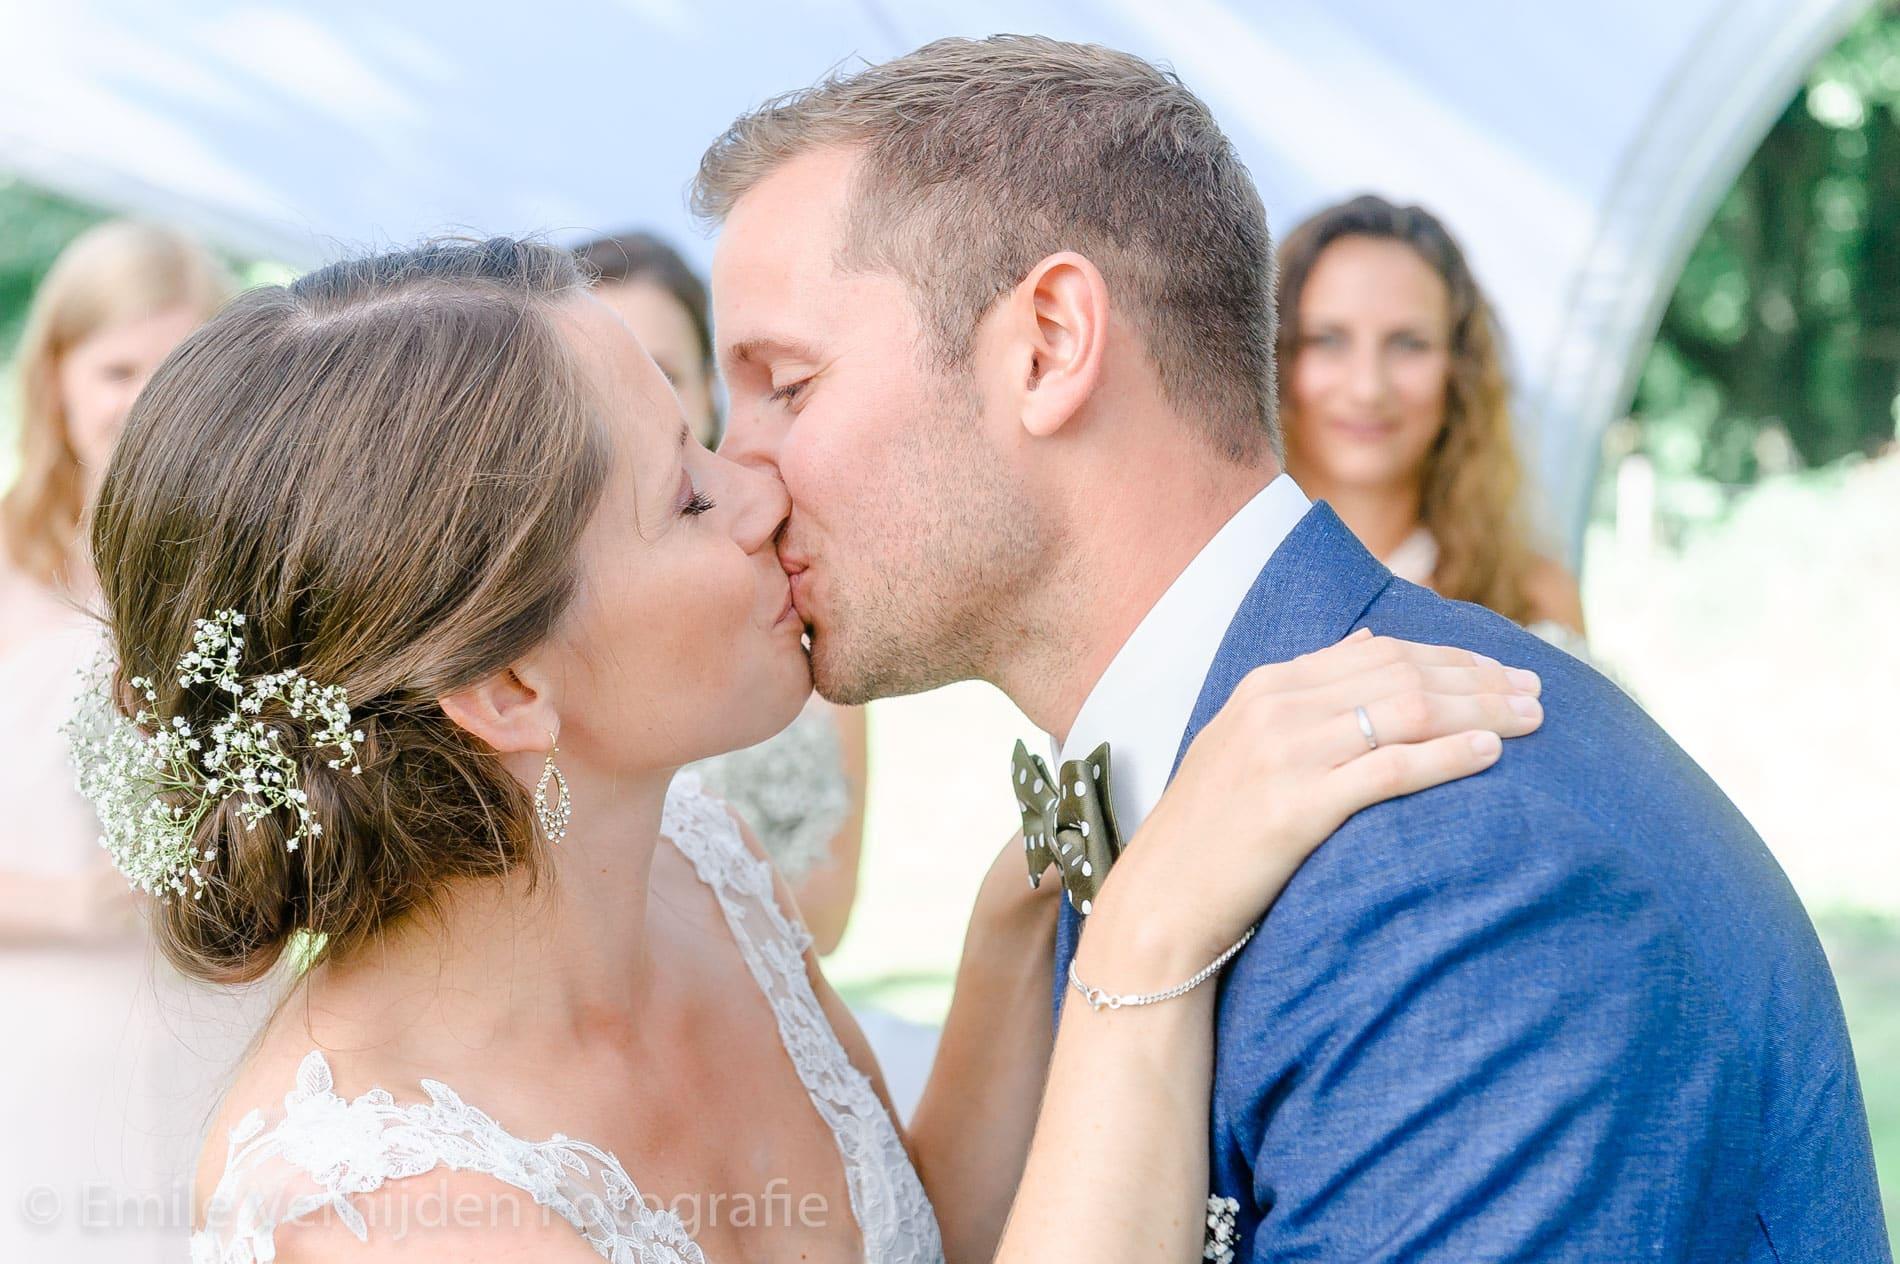 De kus tijdens de ceremonie